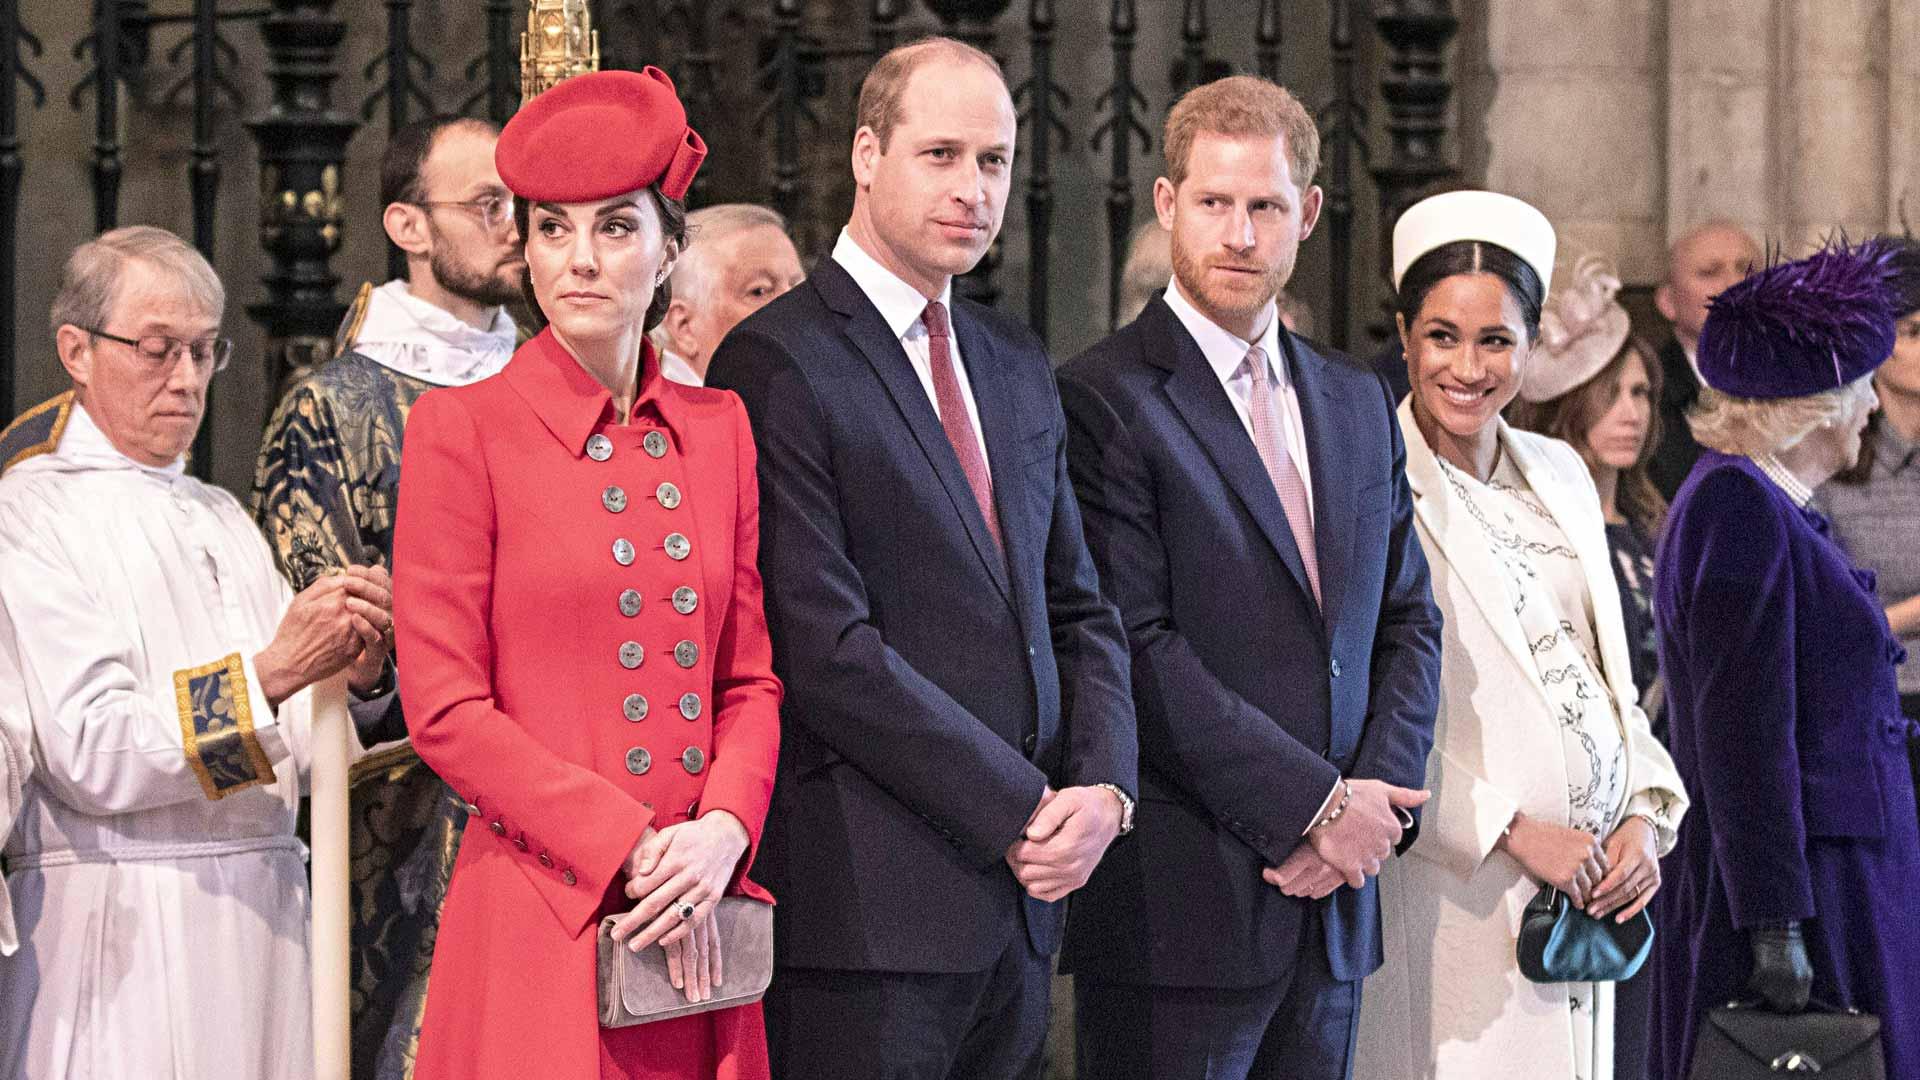 Catherinen (vas.) ja Meghanin välisestä skismasta on puhuttu paljon, mutta viime aikaisista erimielisyyksistä huolimatta heidän puolisonsa ovat edelleen poikkeuksellisen läheisiä.